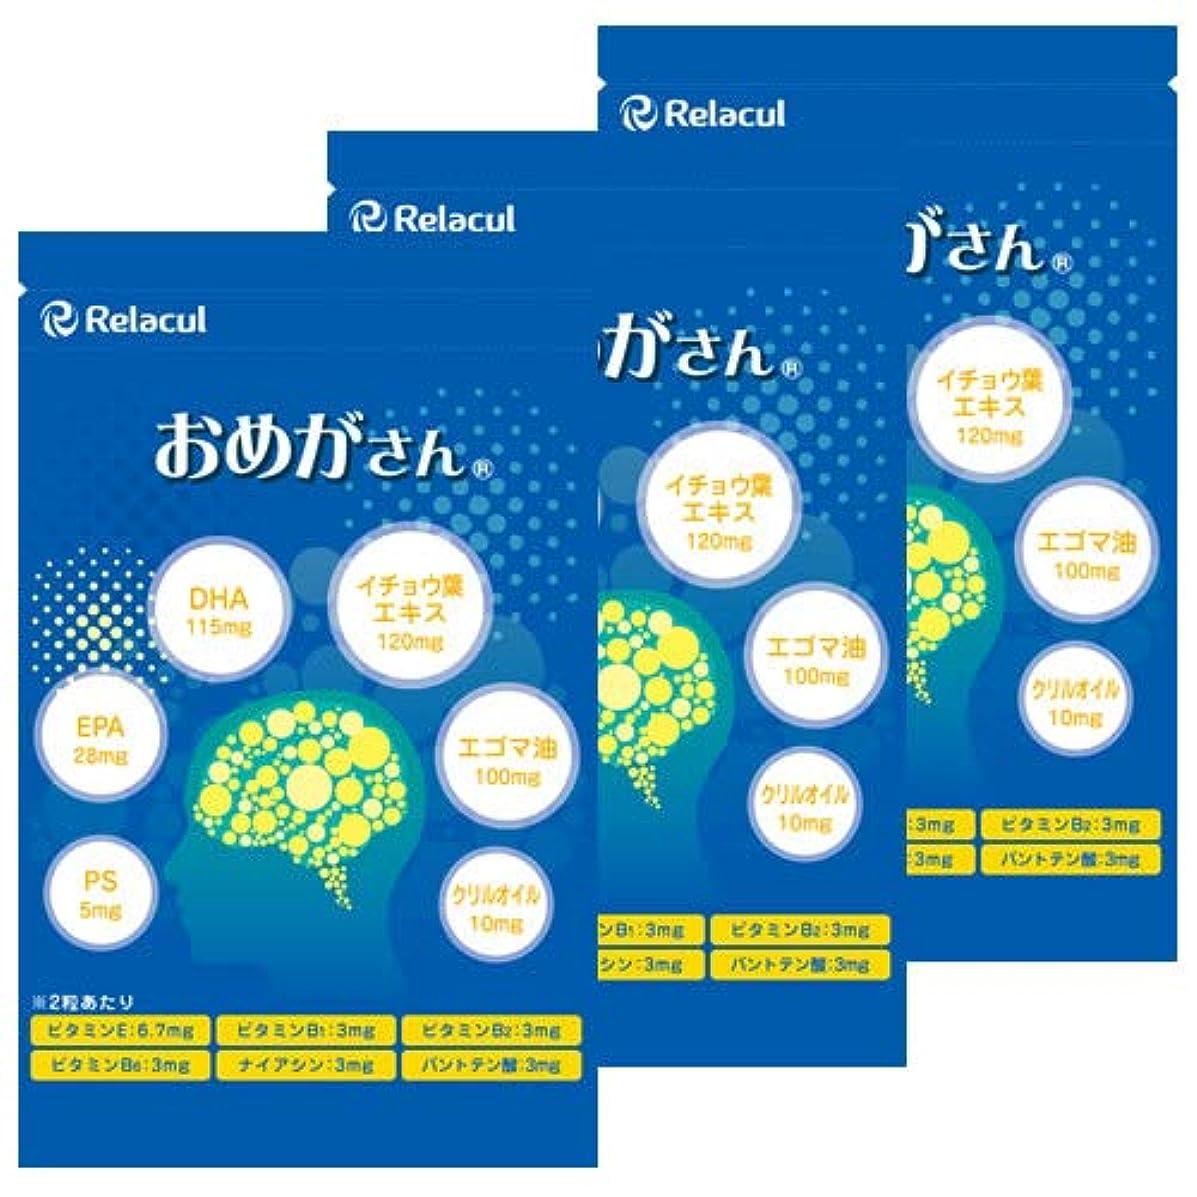 歩き回るクリスチャンシャーロックホームズオメガ3脂肪酸 DHA EPA サプリ (日本製) うっかり 対策 サプリメント [偏った食生活に] フィッシュオイル イチョウ葉エキス エゴマ油 クリルオイル [おめがさん 3袋セット] 180粒入 (約3か月分)